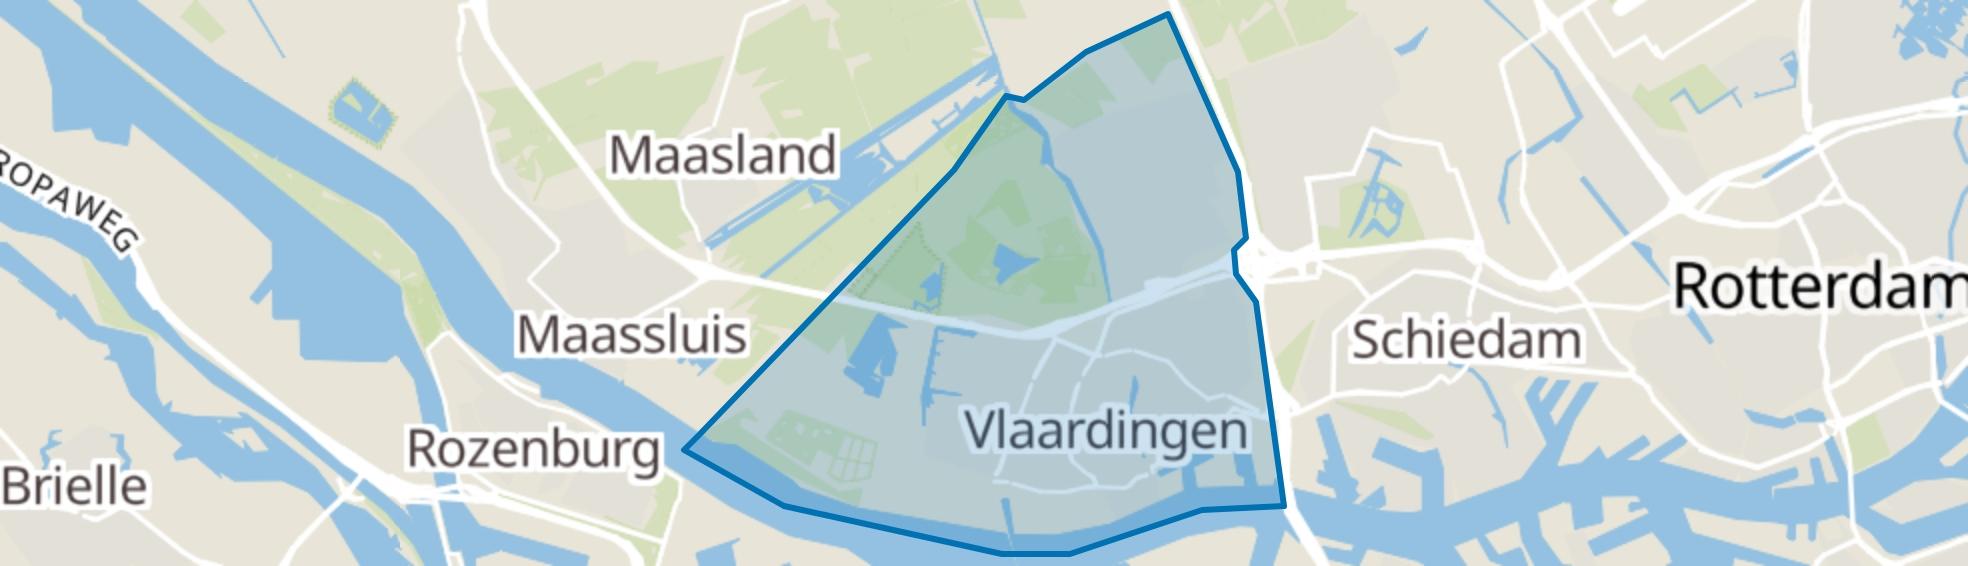 Vlaardingen map